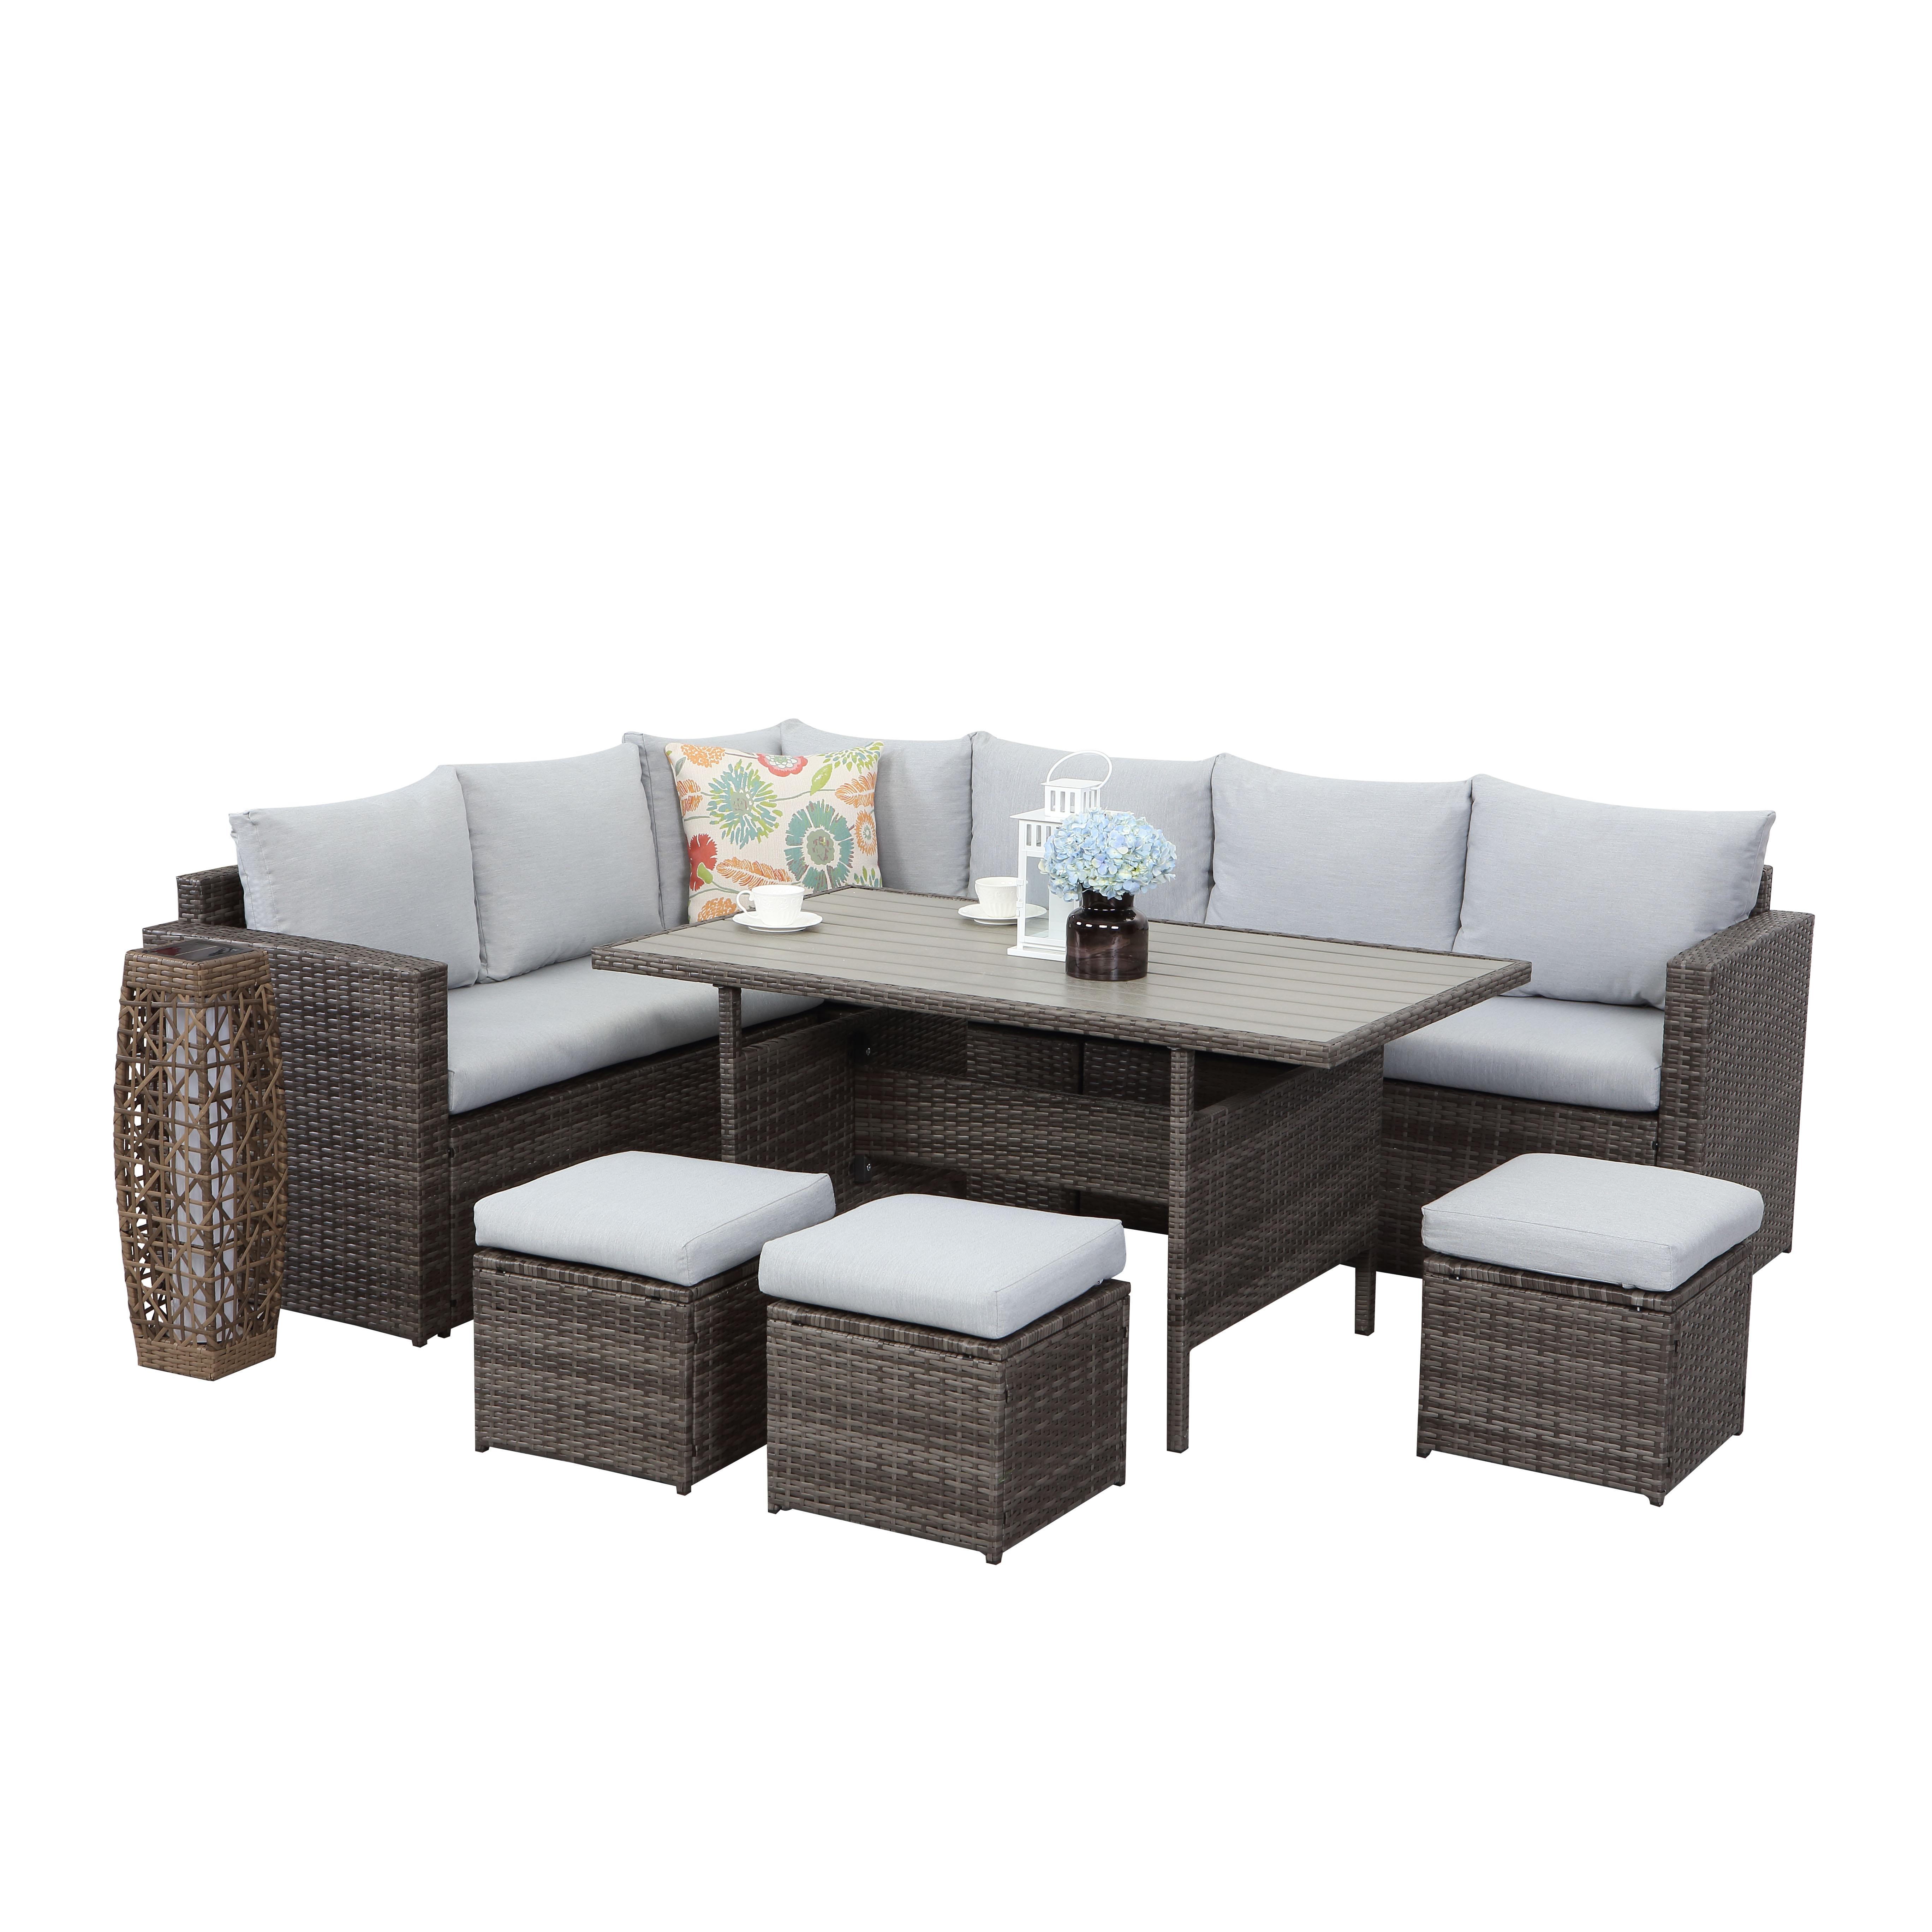 Садовый набор секционный диван мебель обеденный стол и Диван Набор Горячая продажа ротанга набор мебель